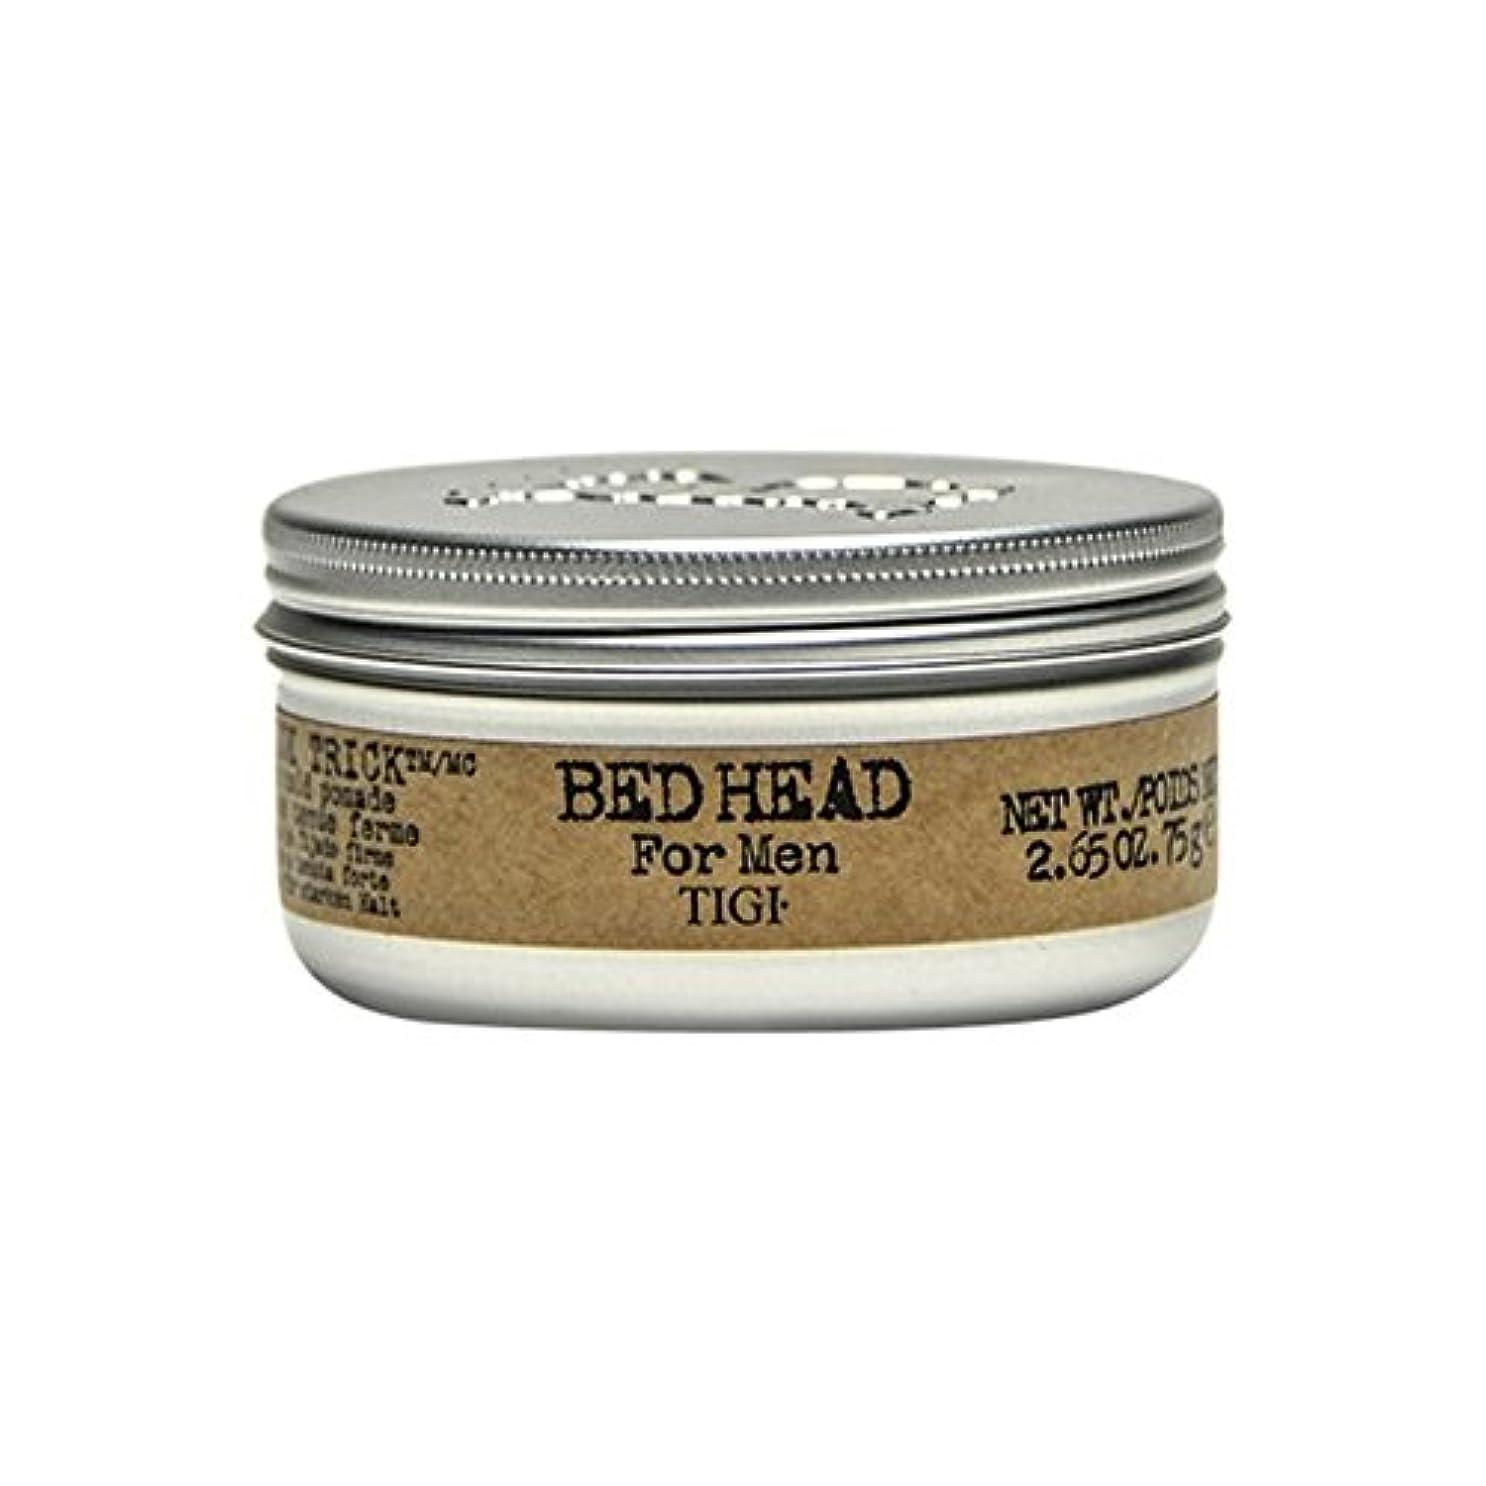 気味の悪い化学薬品登録する男性の滑らかなトリックポマード(75グラム)のためのティジーベッドヘッド x2 - Tigi Bed Head For Men Slick Trick Pomade (75G) (Pack of 2) [並行輸入品]